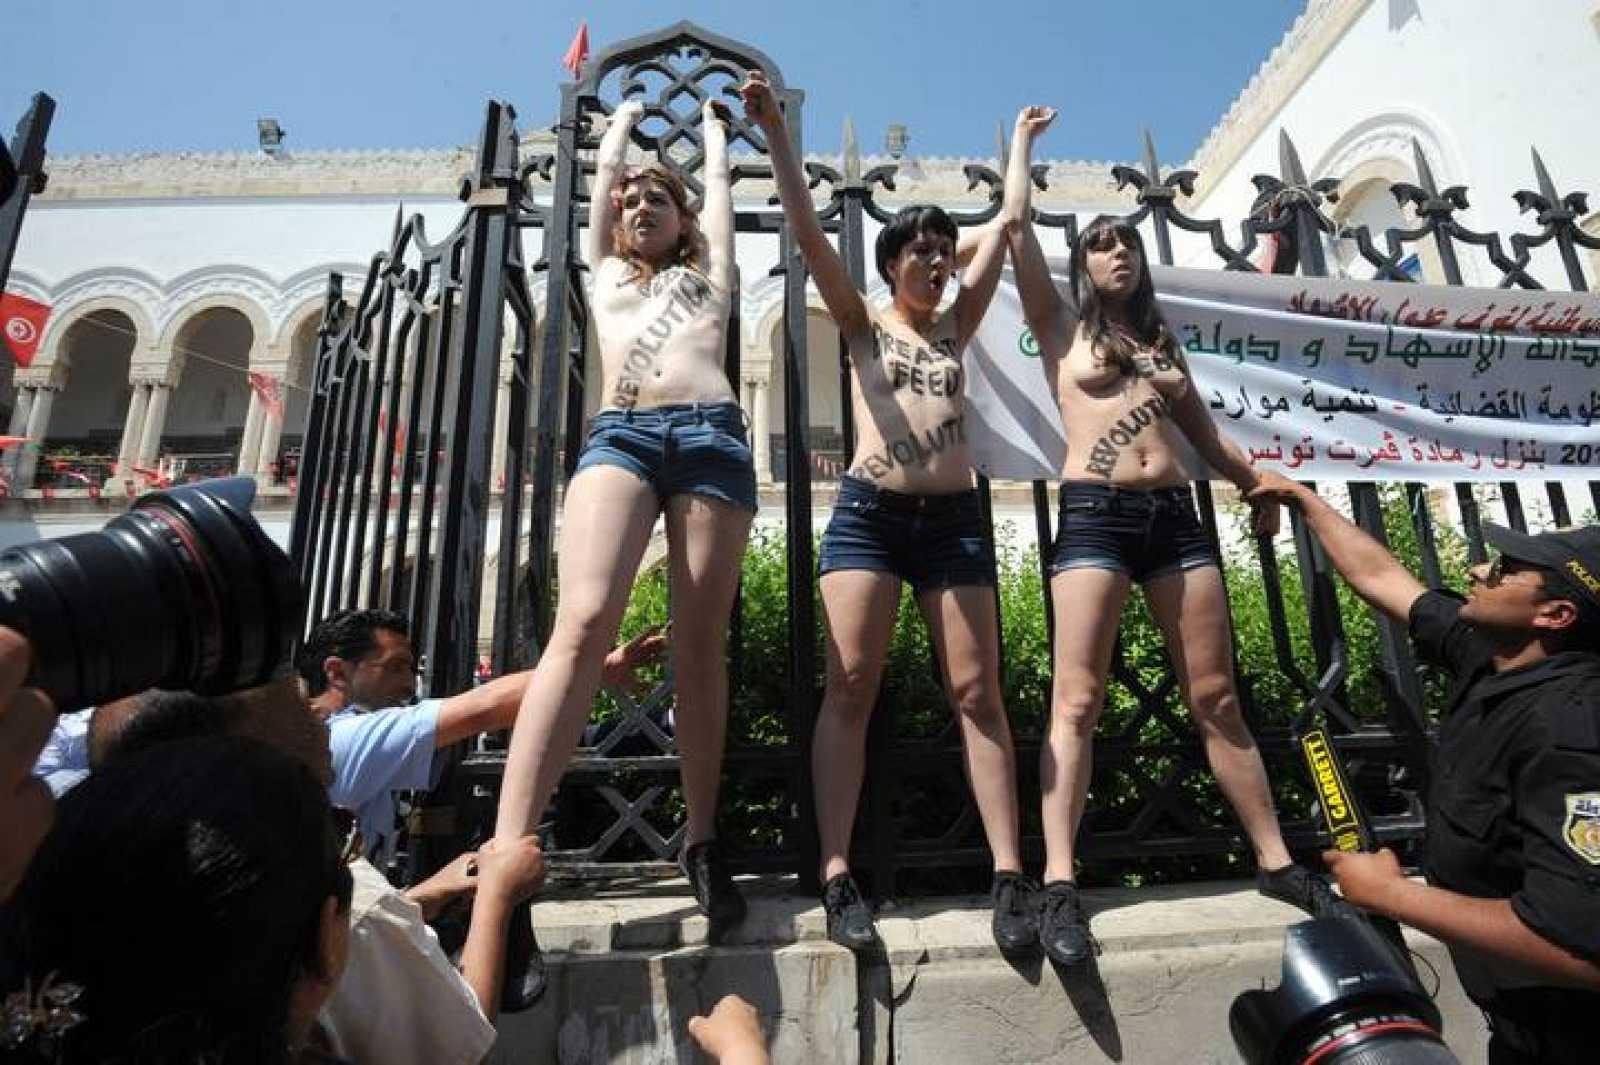 Tres activistas del grupo feminista Femen se manifiestan frente al Palacio de Justicia en Túnez